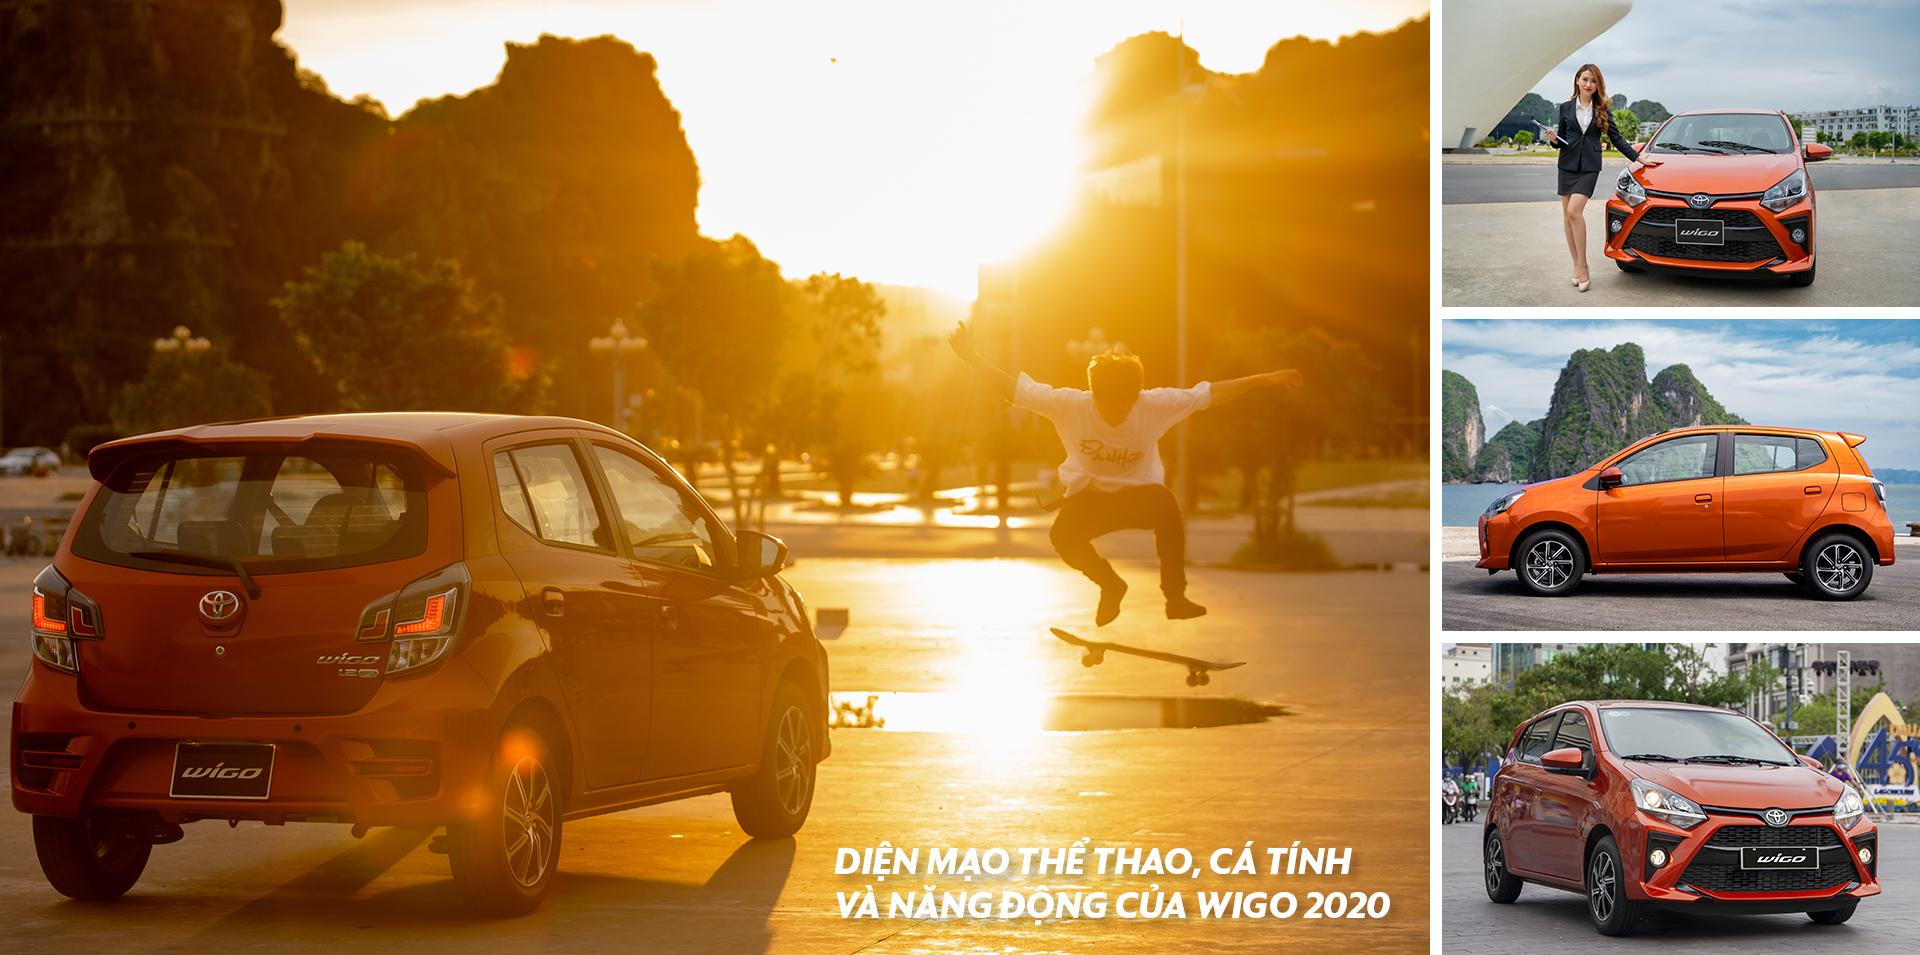 Toyota Wigo - Xe riêng cho những chuyến đi bình yên - 19